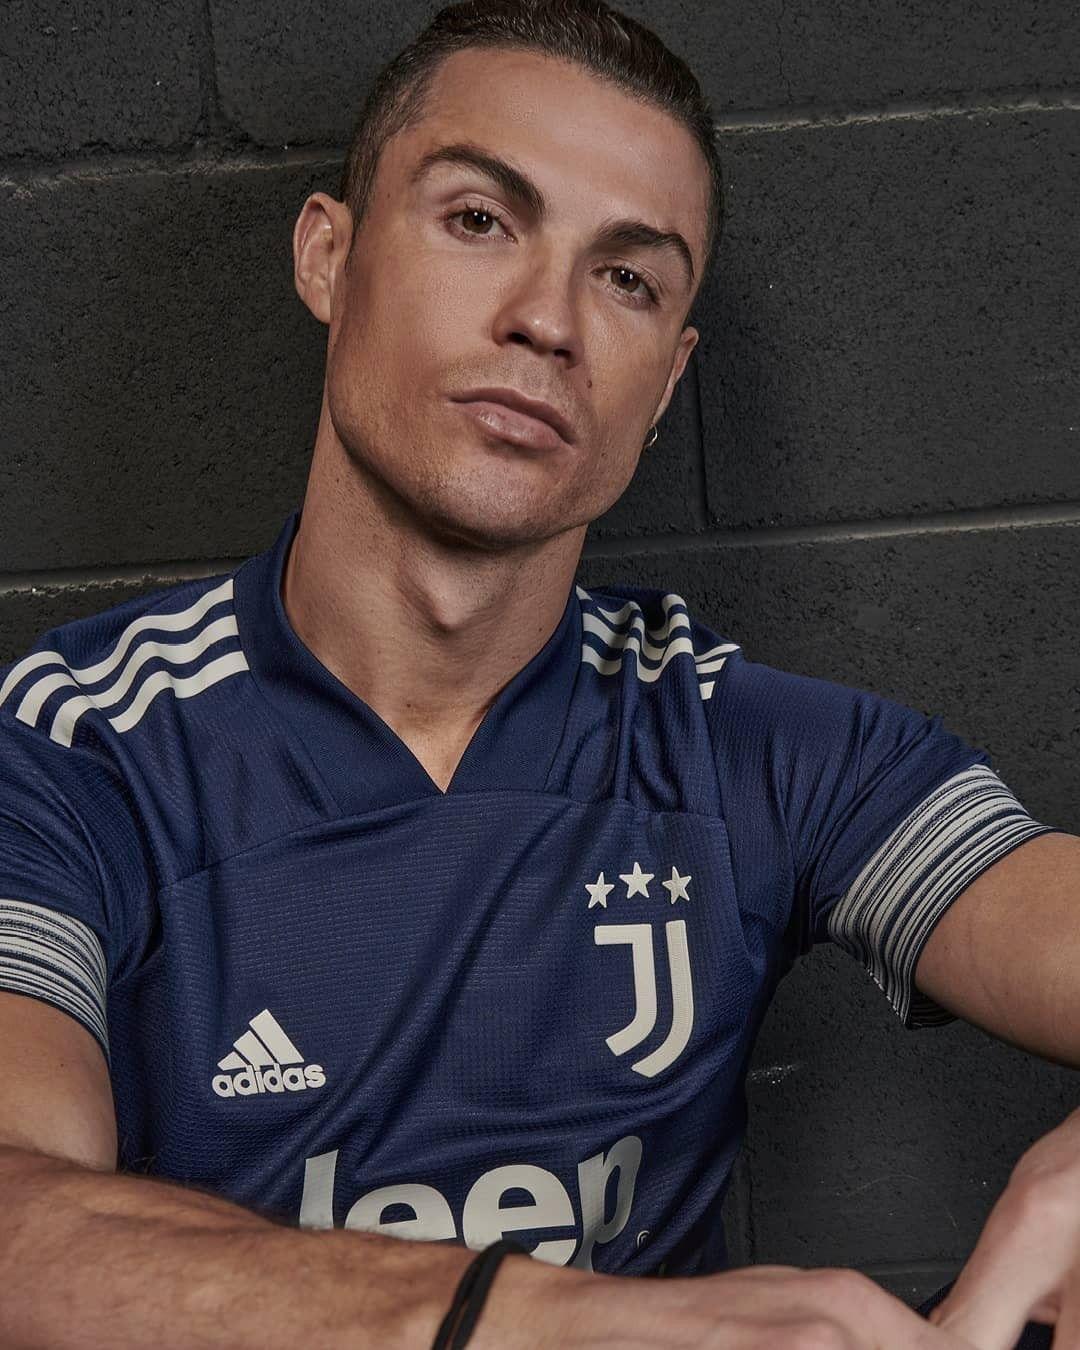 Cristiano Ronaldo In 2020 Cristiano Ronaldo Juventus Ronaldo Cristiano Ronaldo